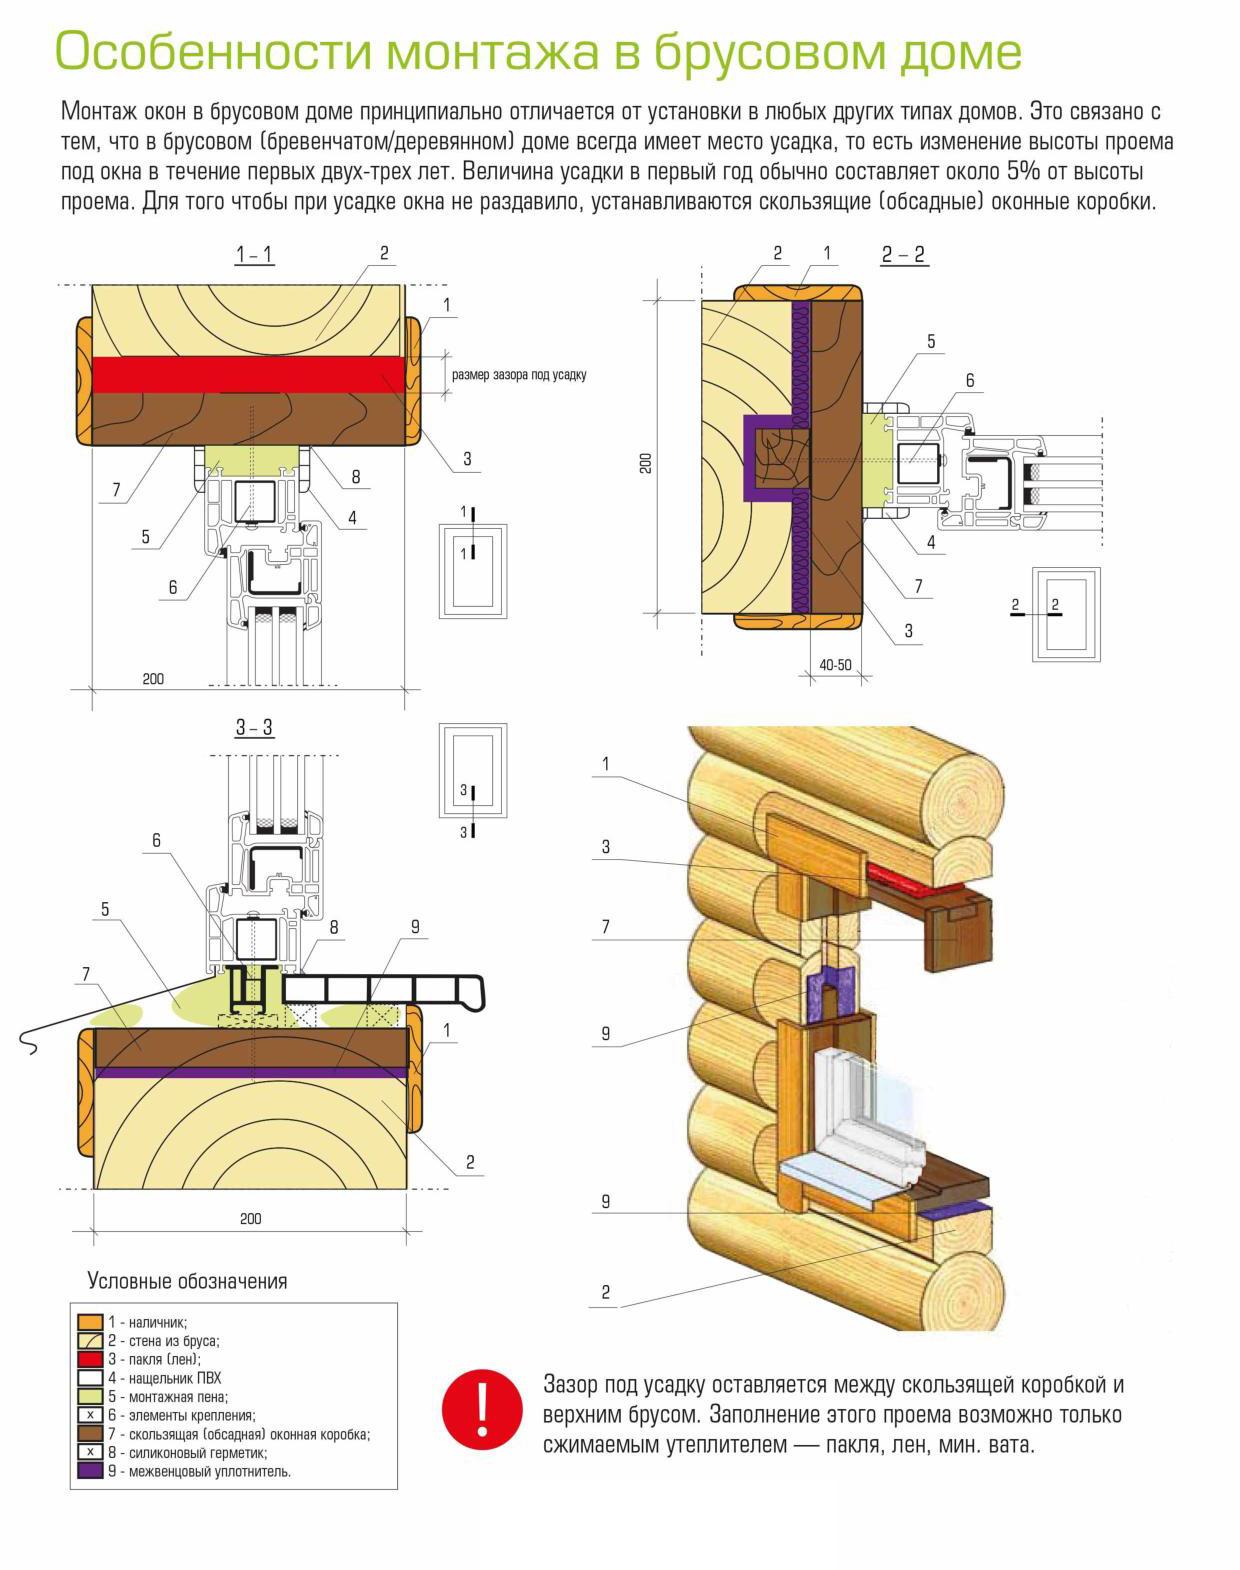 Правильная установка окон и дверей в деревянном доме